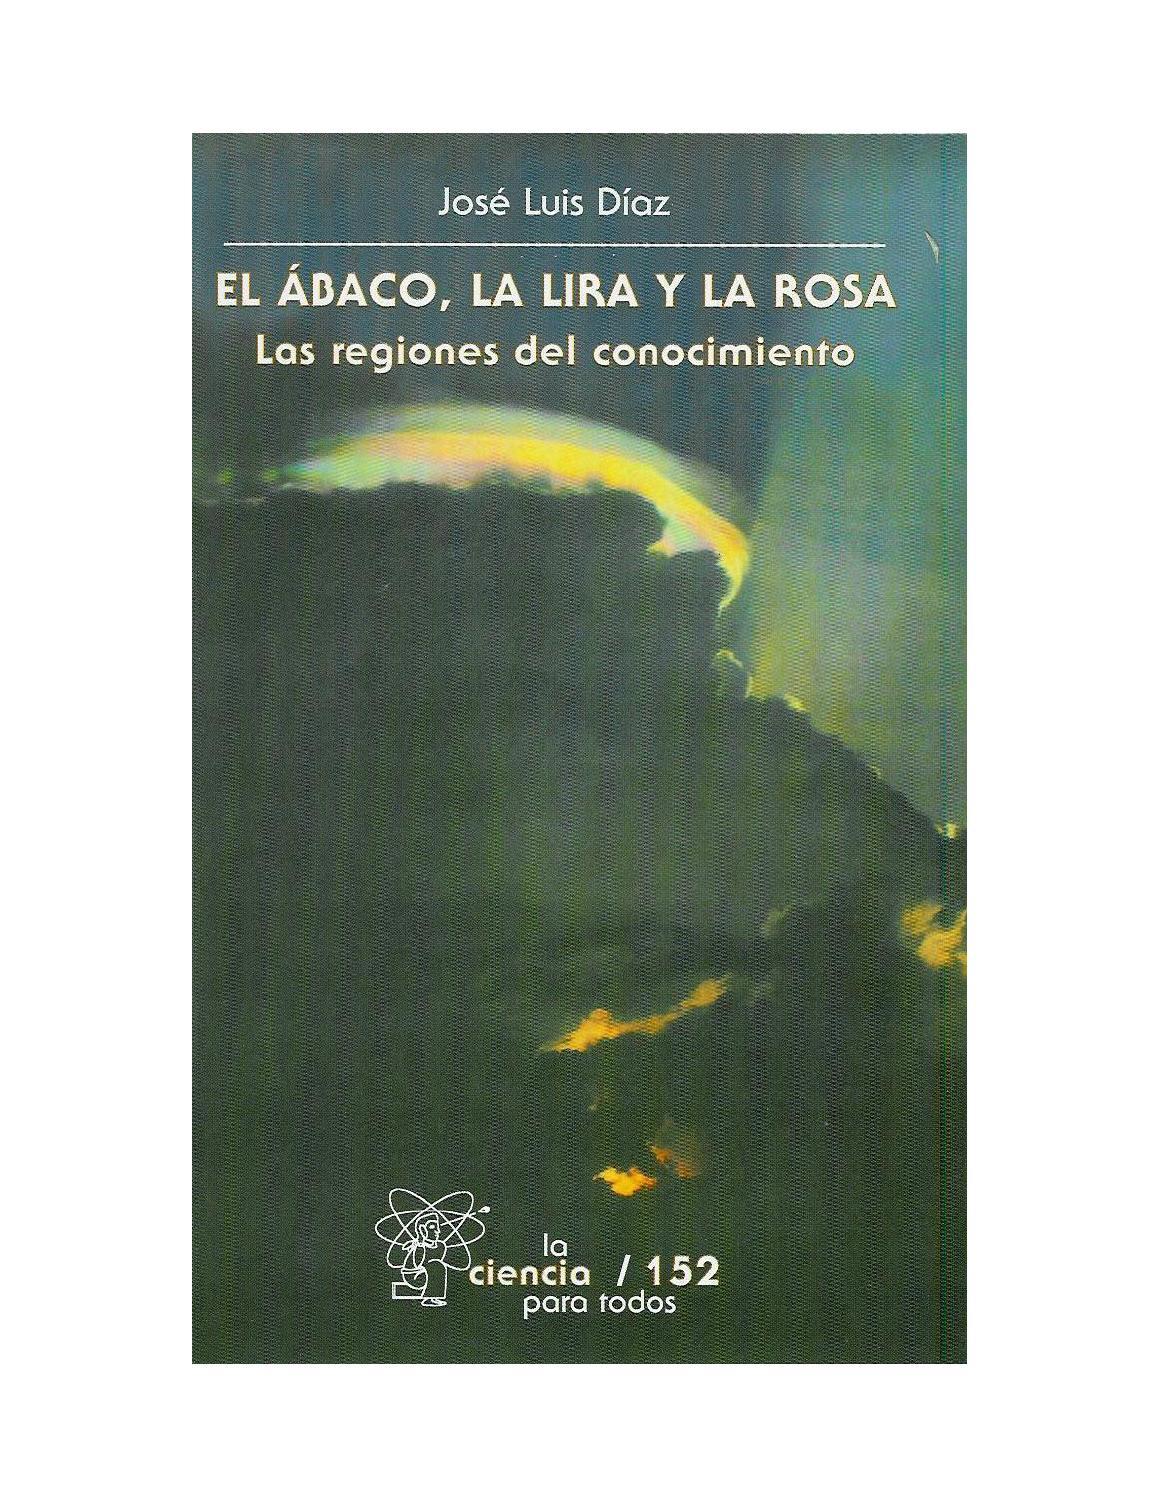 By Y Rosa Issuu ÁbacoLa Lira El Andrés Sanabria 5ARj43L